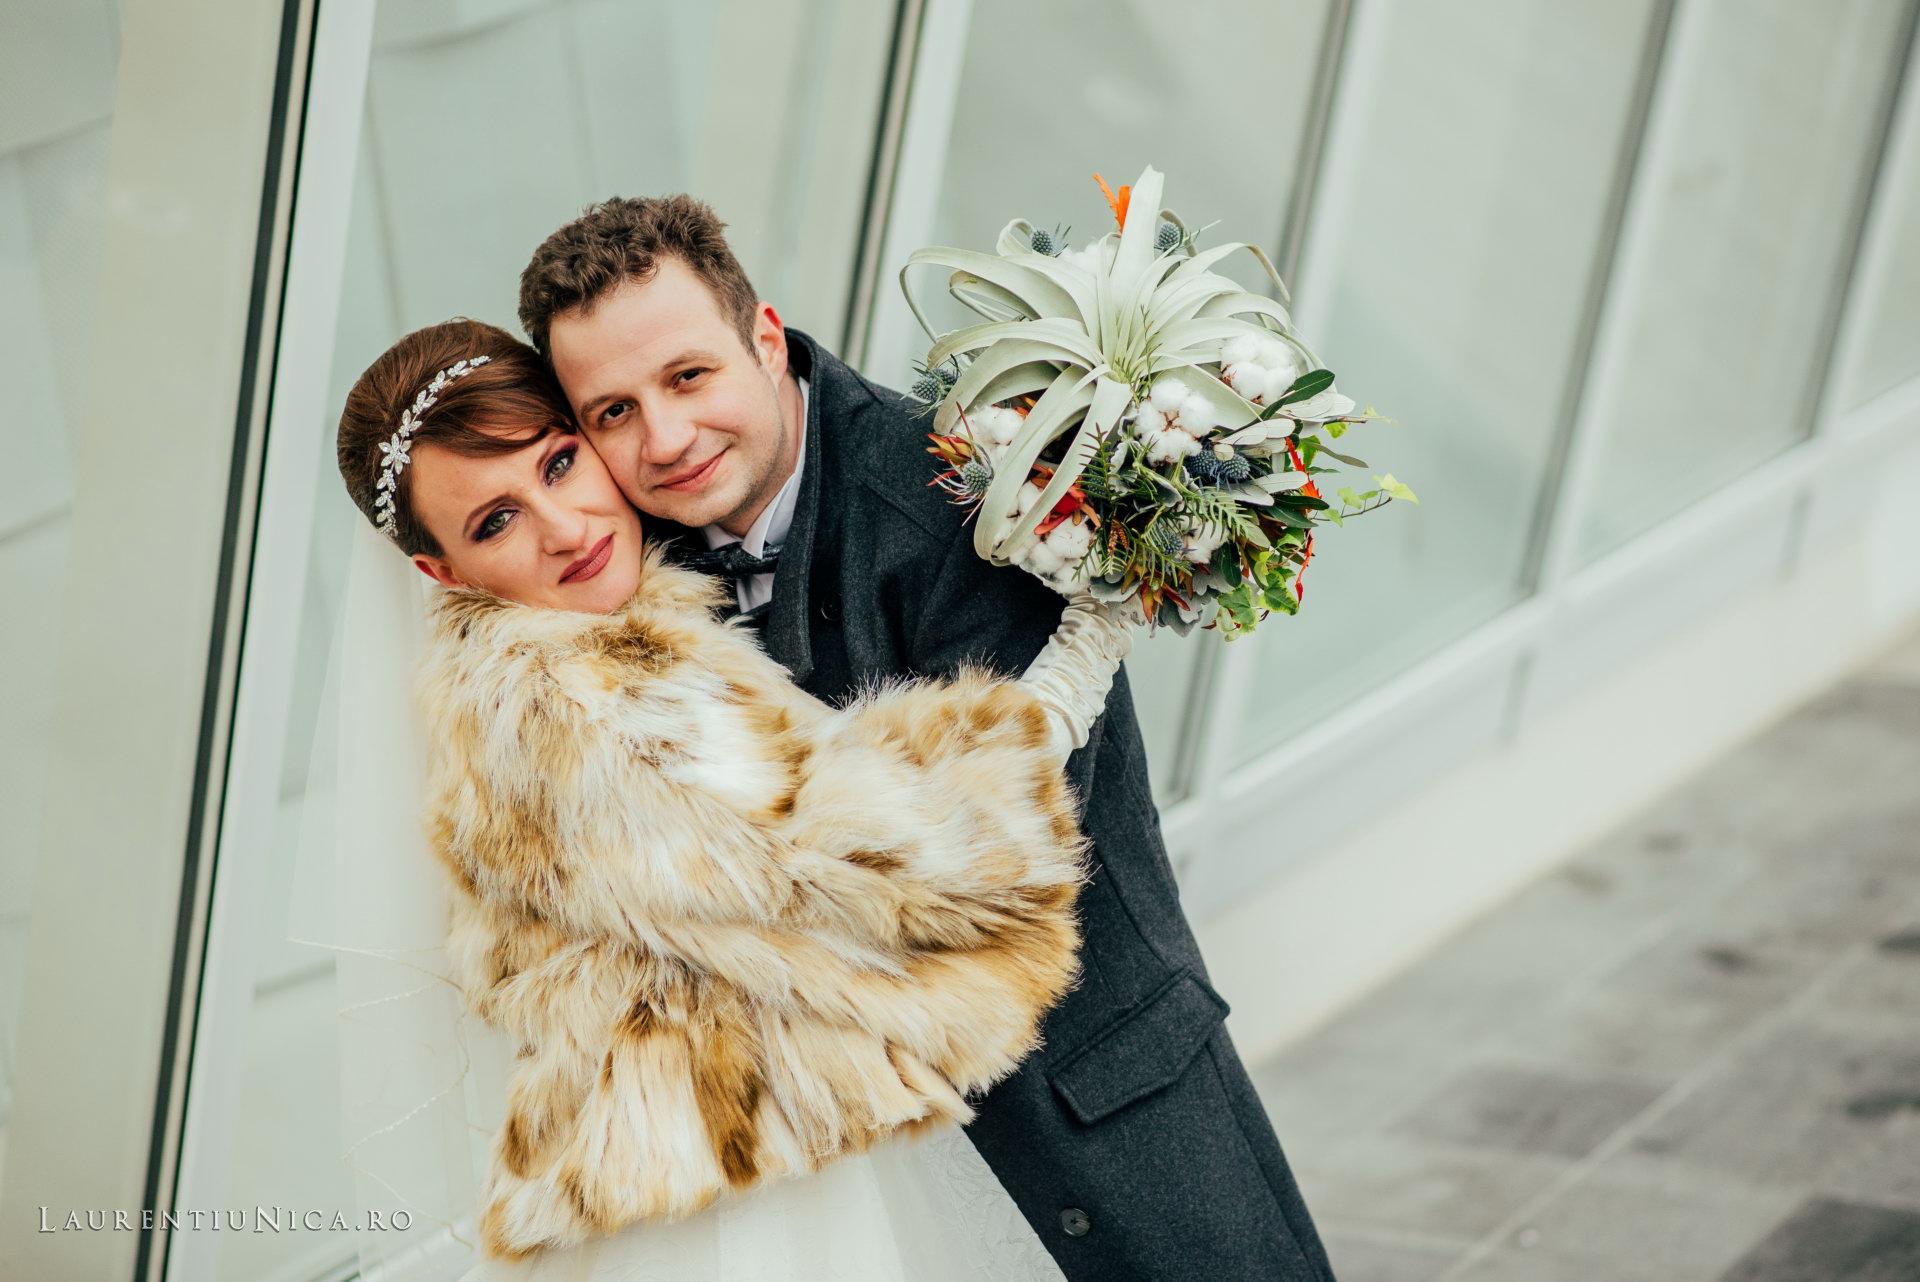 daniela si marius fotografii nunta craiova laurentiu nica41 - Daniela & Marius | Fotografii nunta